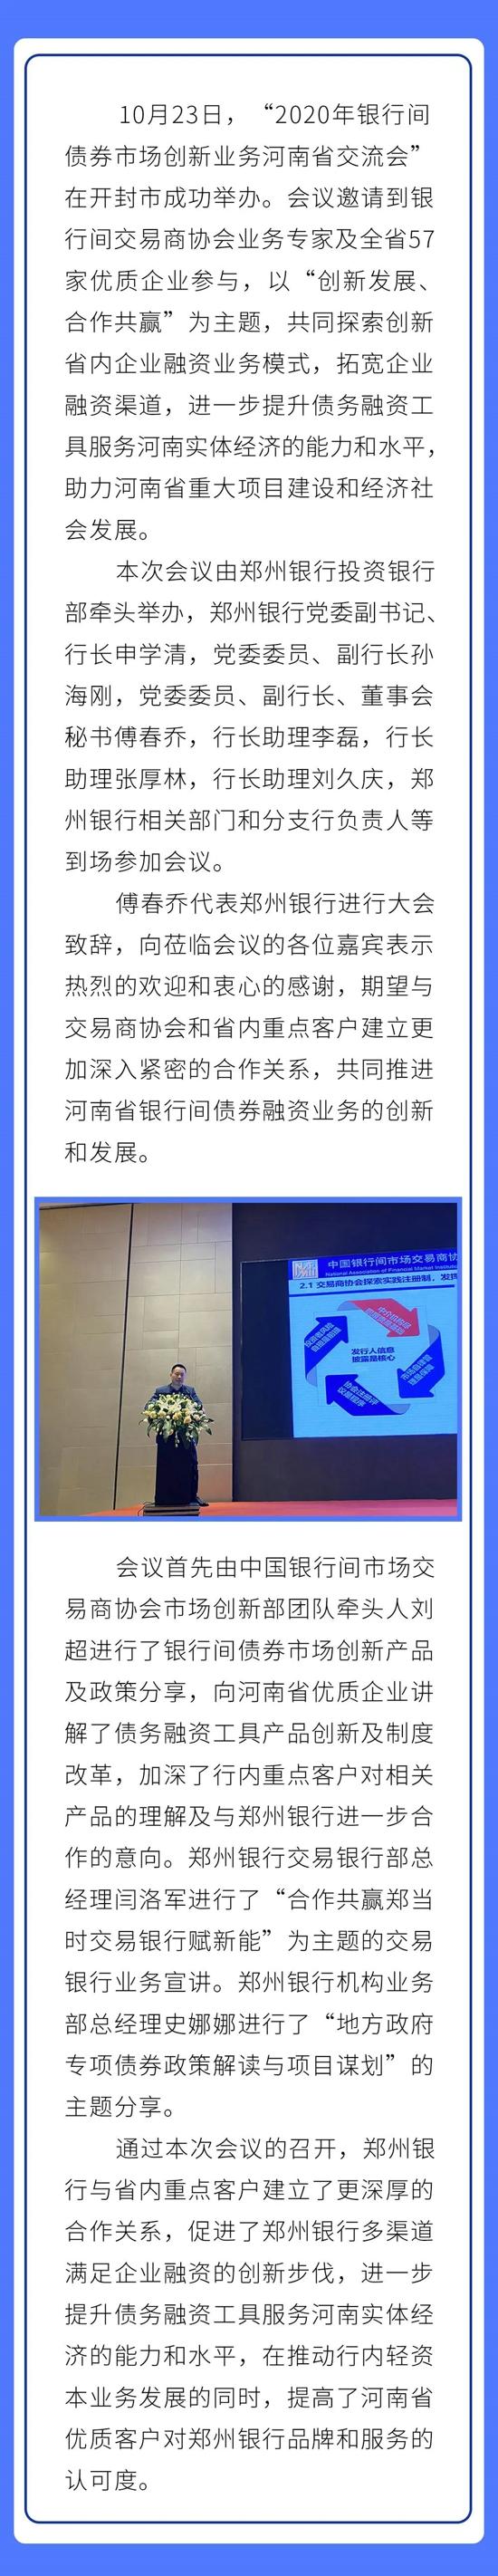 2020年银行间债券市场创新业务河南省交流会在开封成功举办